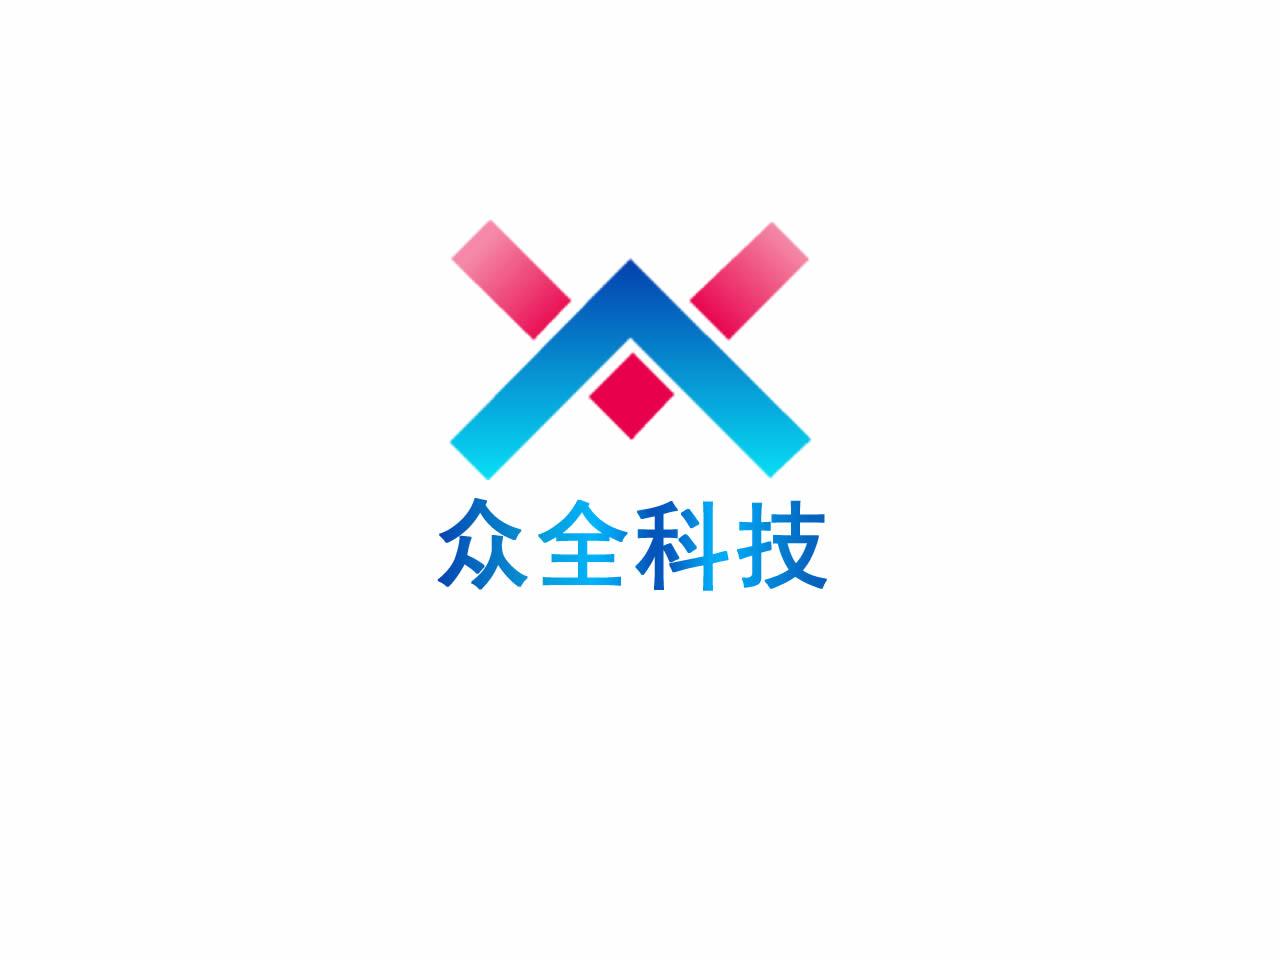 深圳市众全科技有限公司